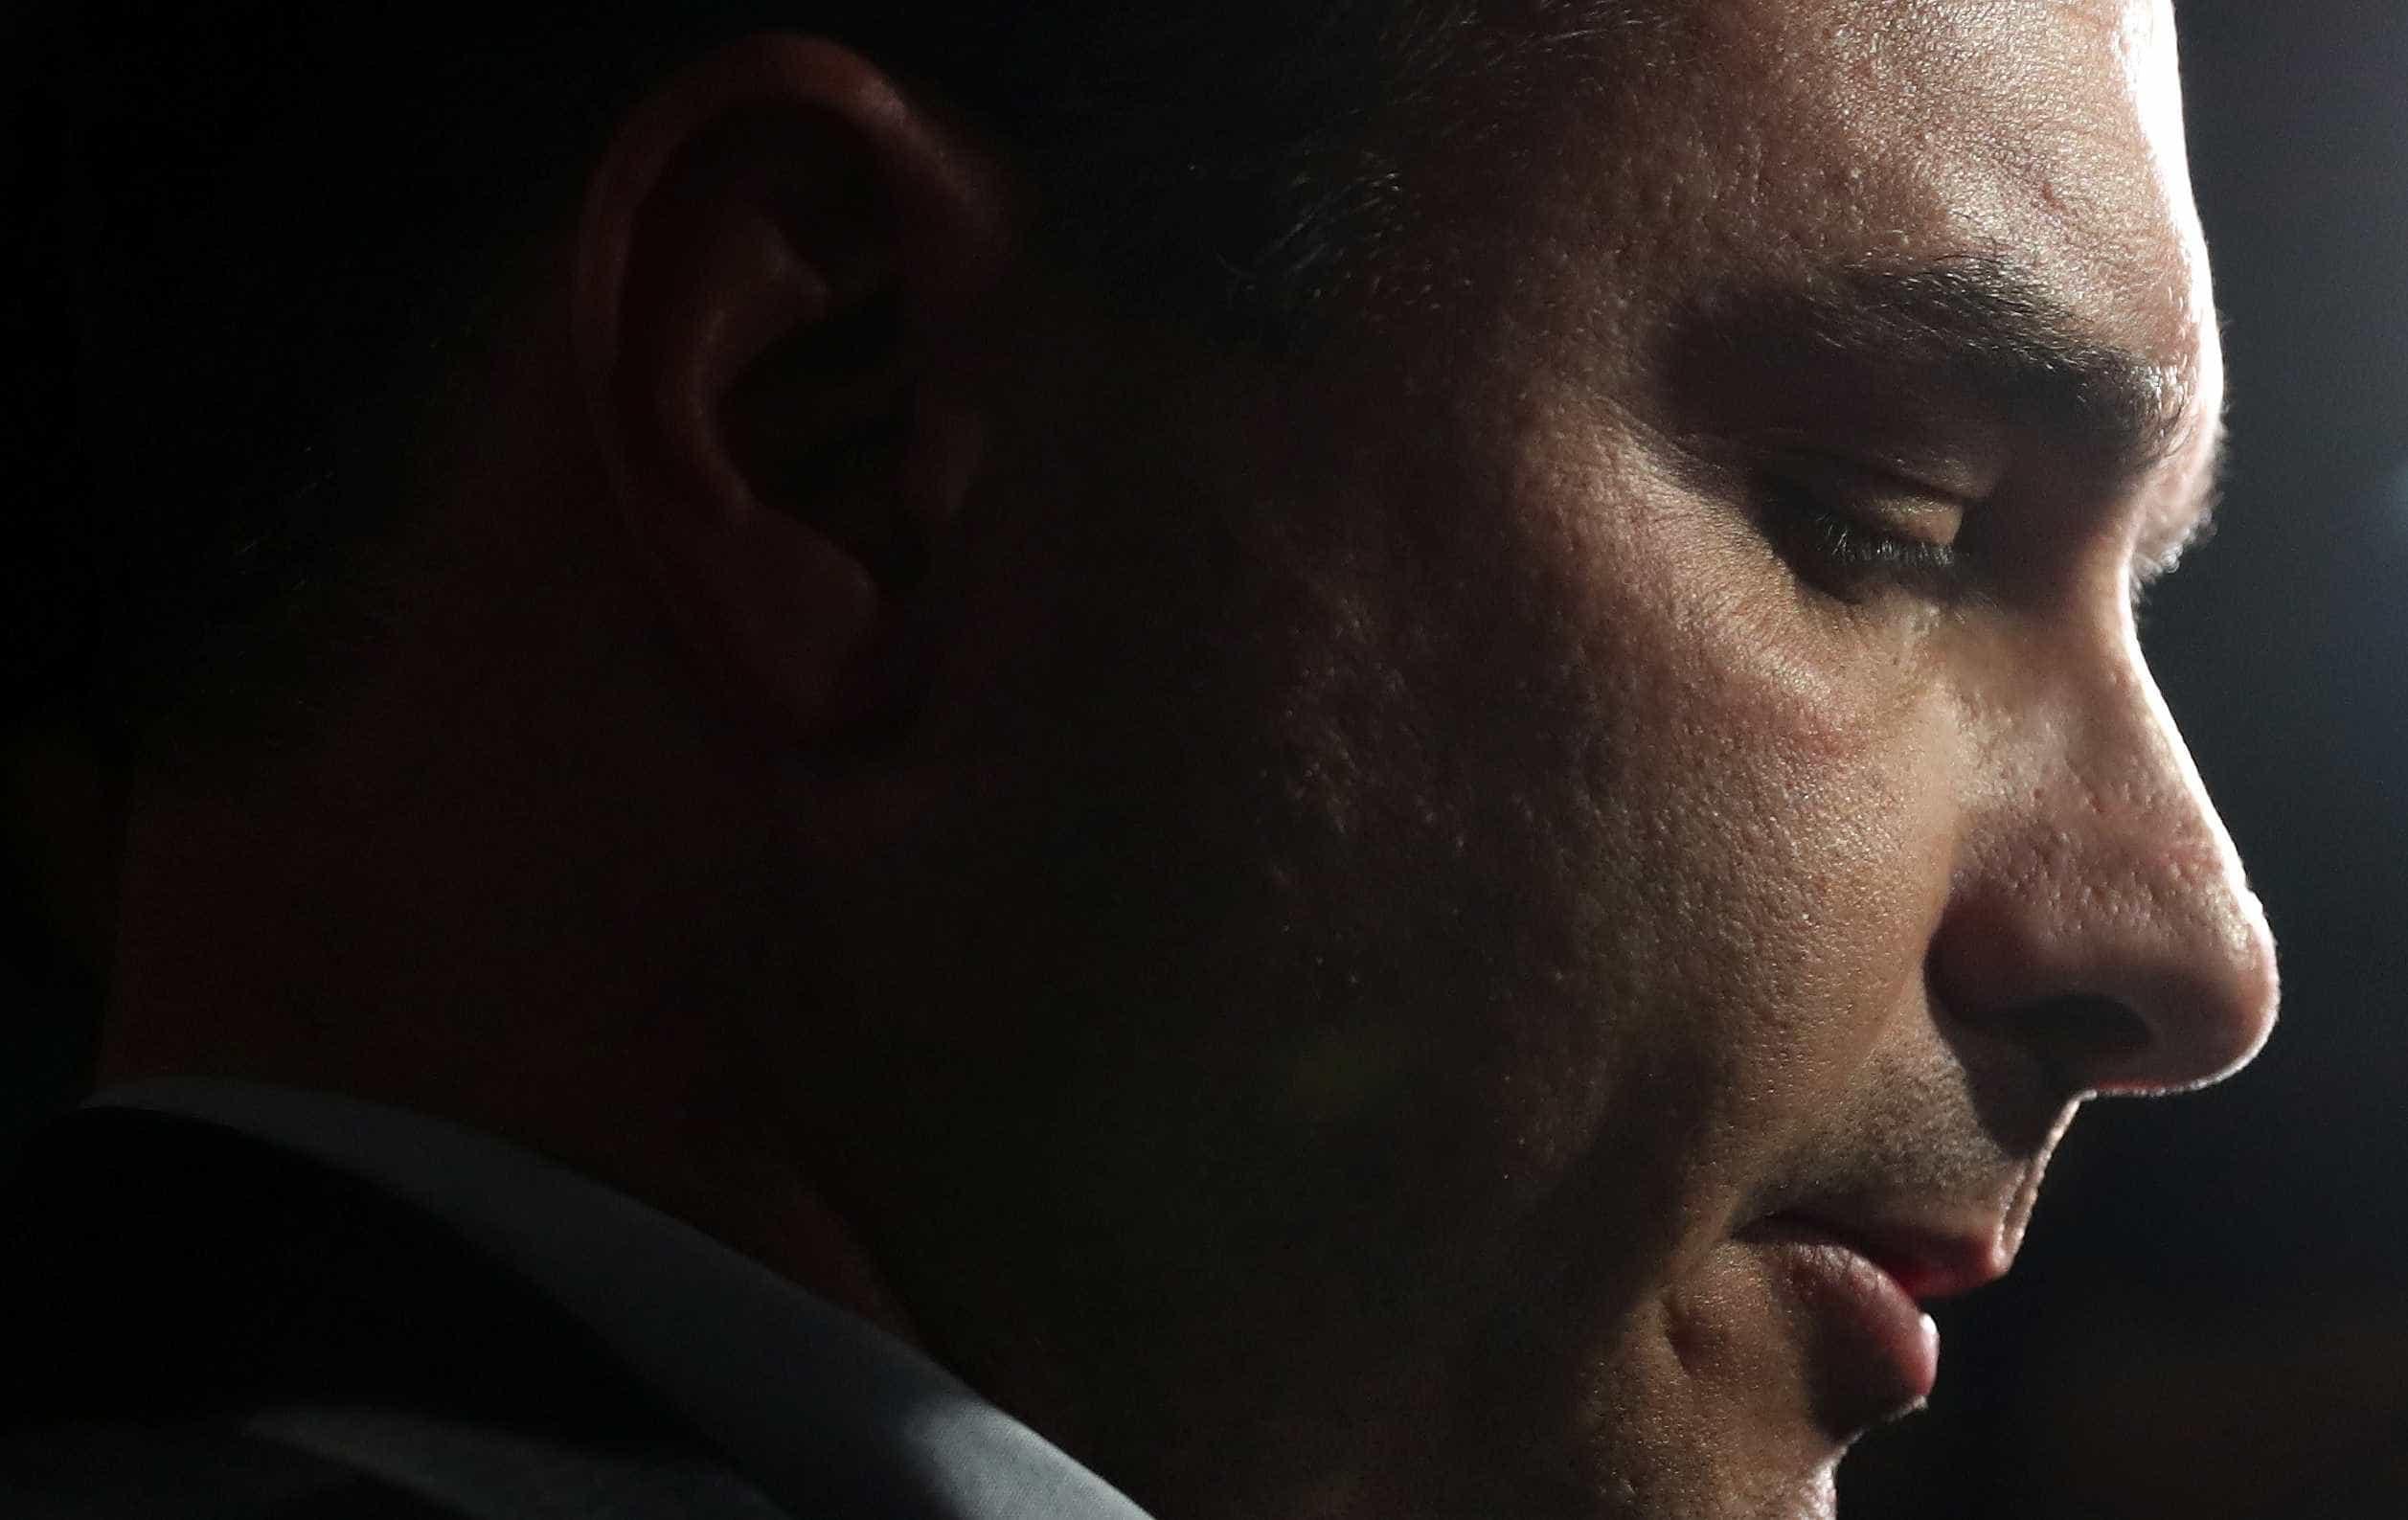 Novo promotor do caso Coaf já defendeu Flávio Bolsonaro no Twitter